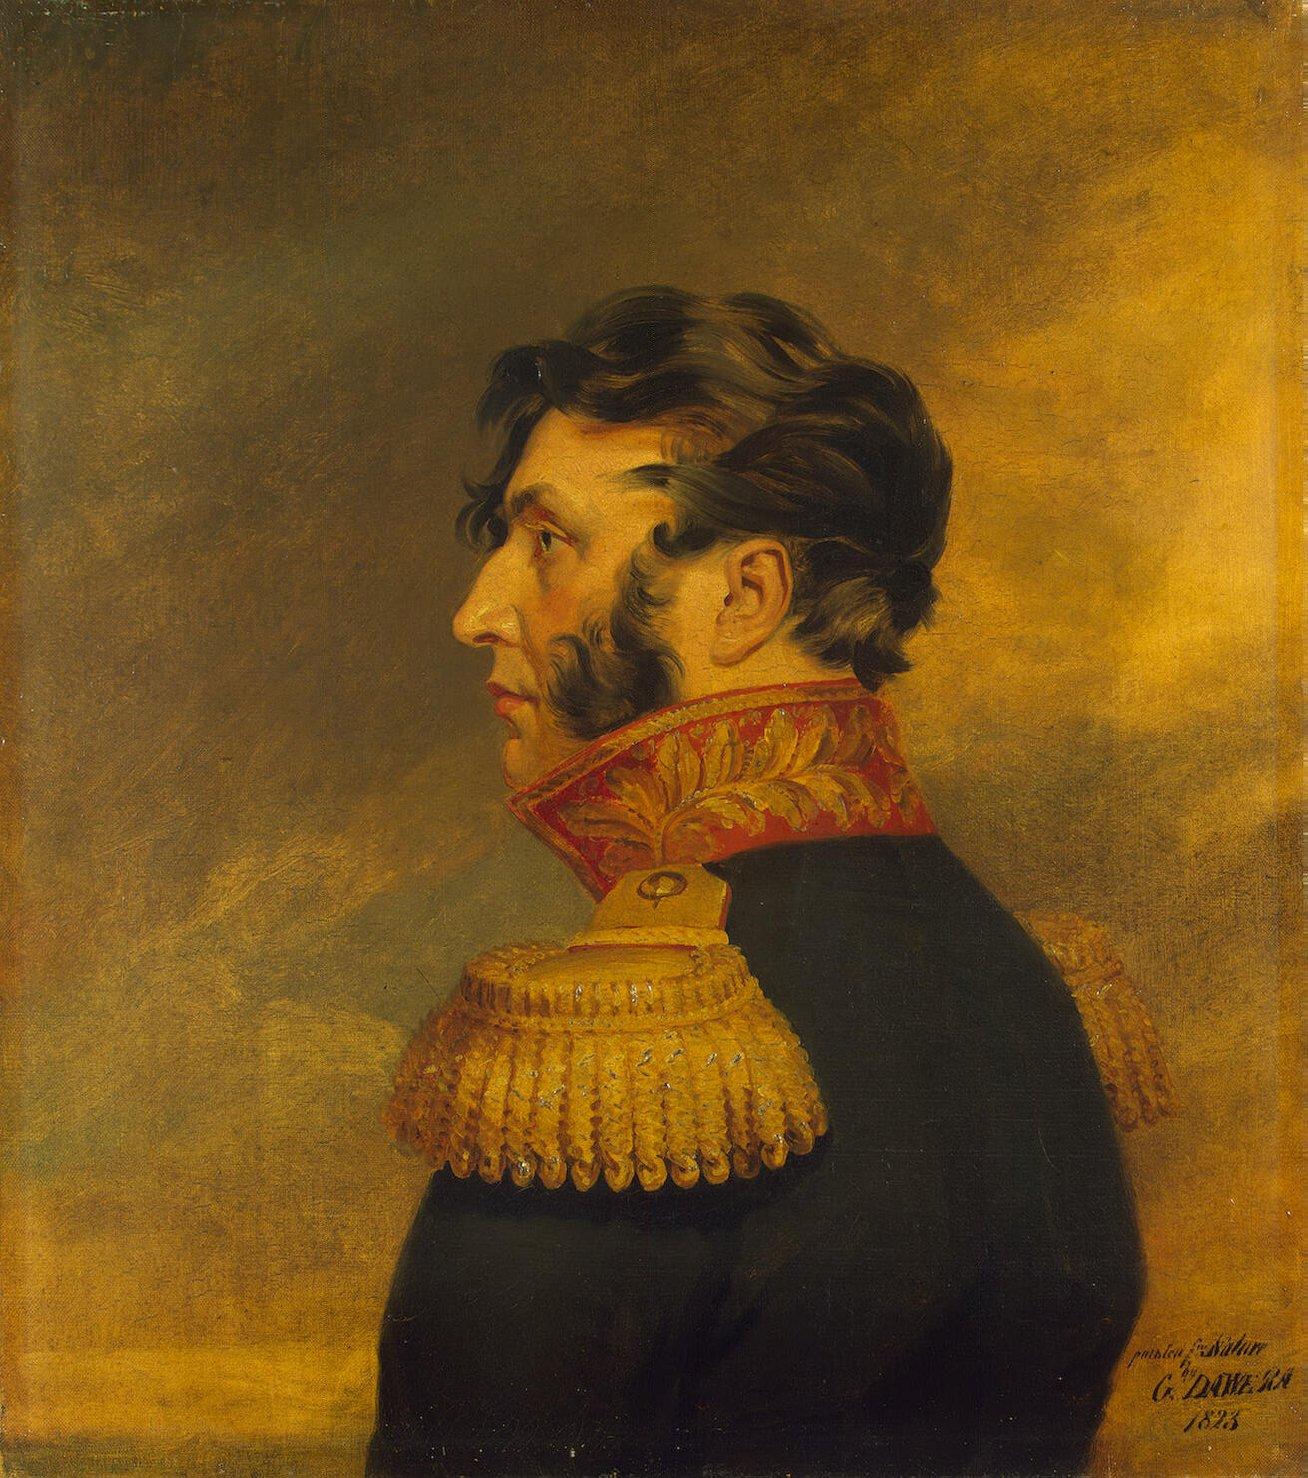 Левин, Дмитрий Андреевич